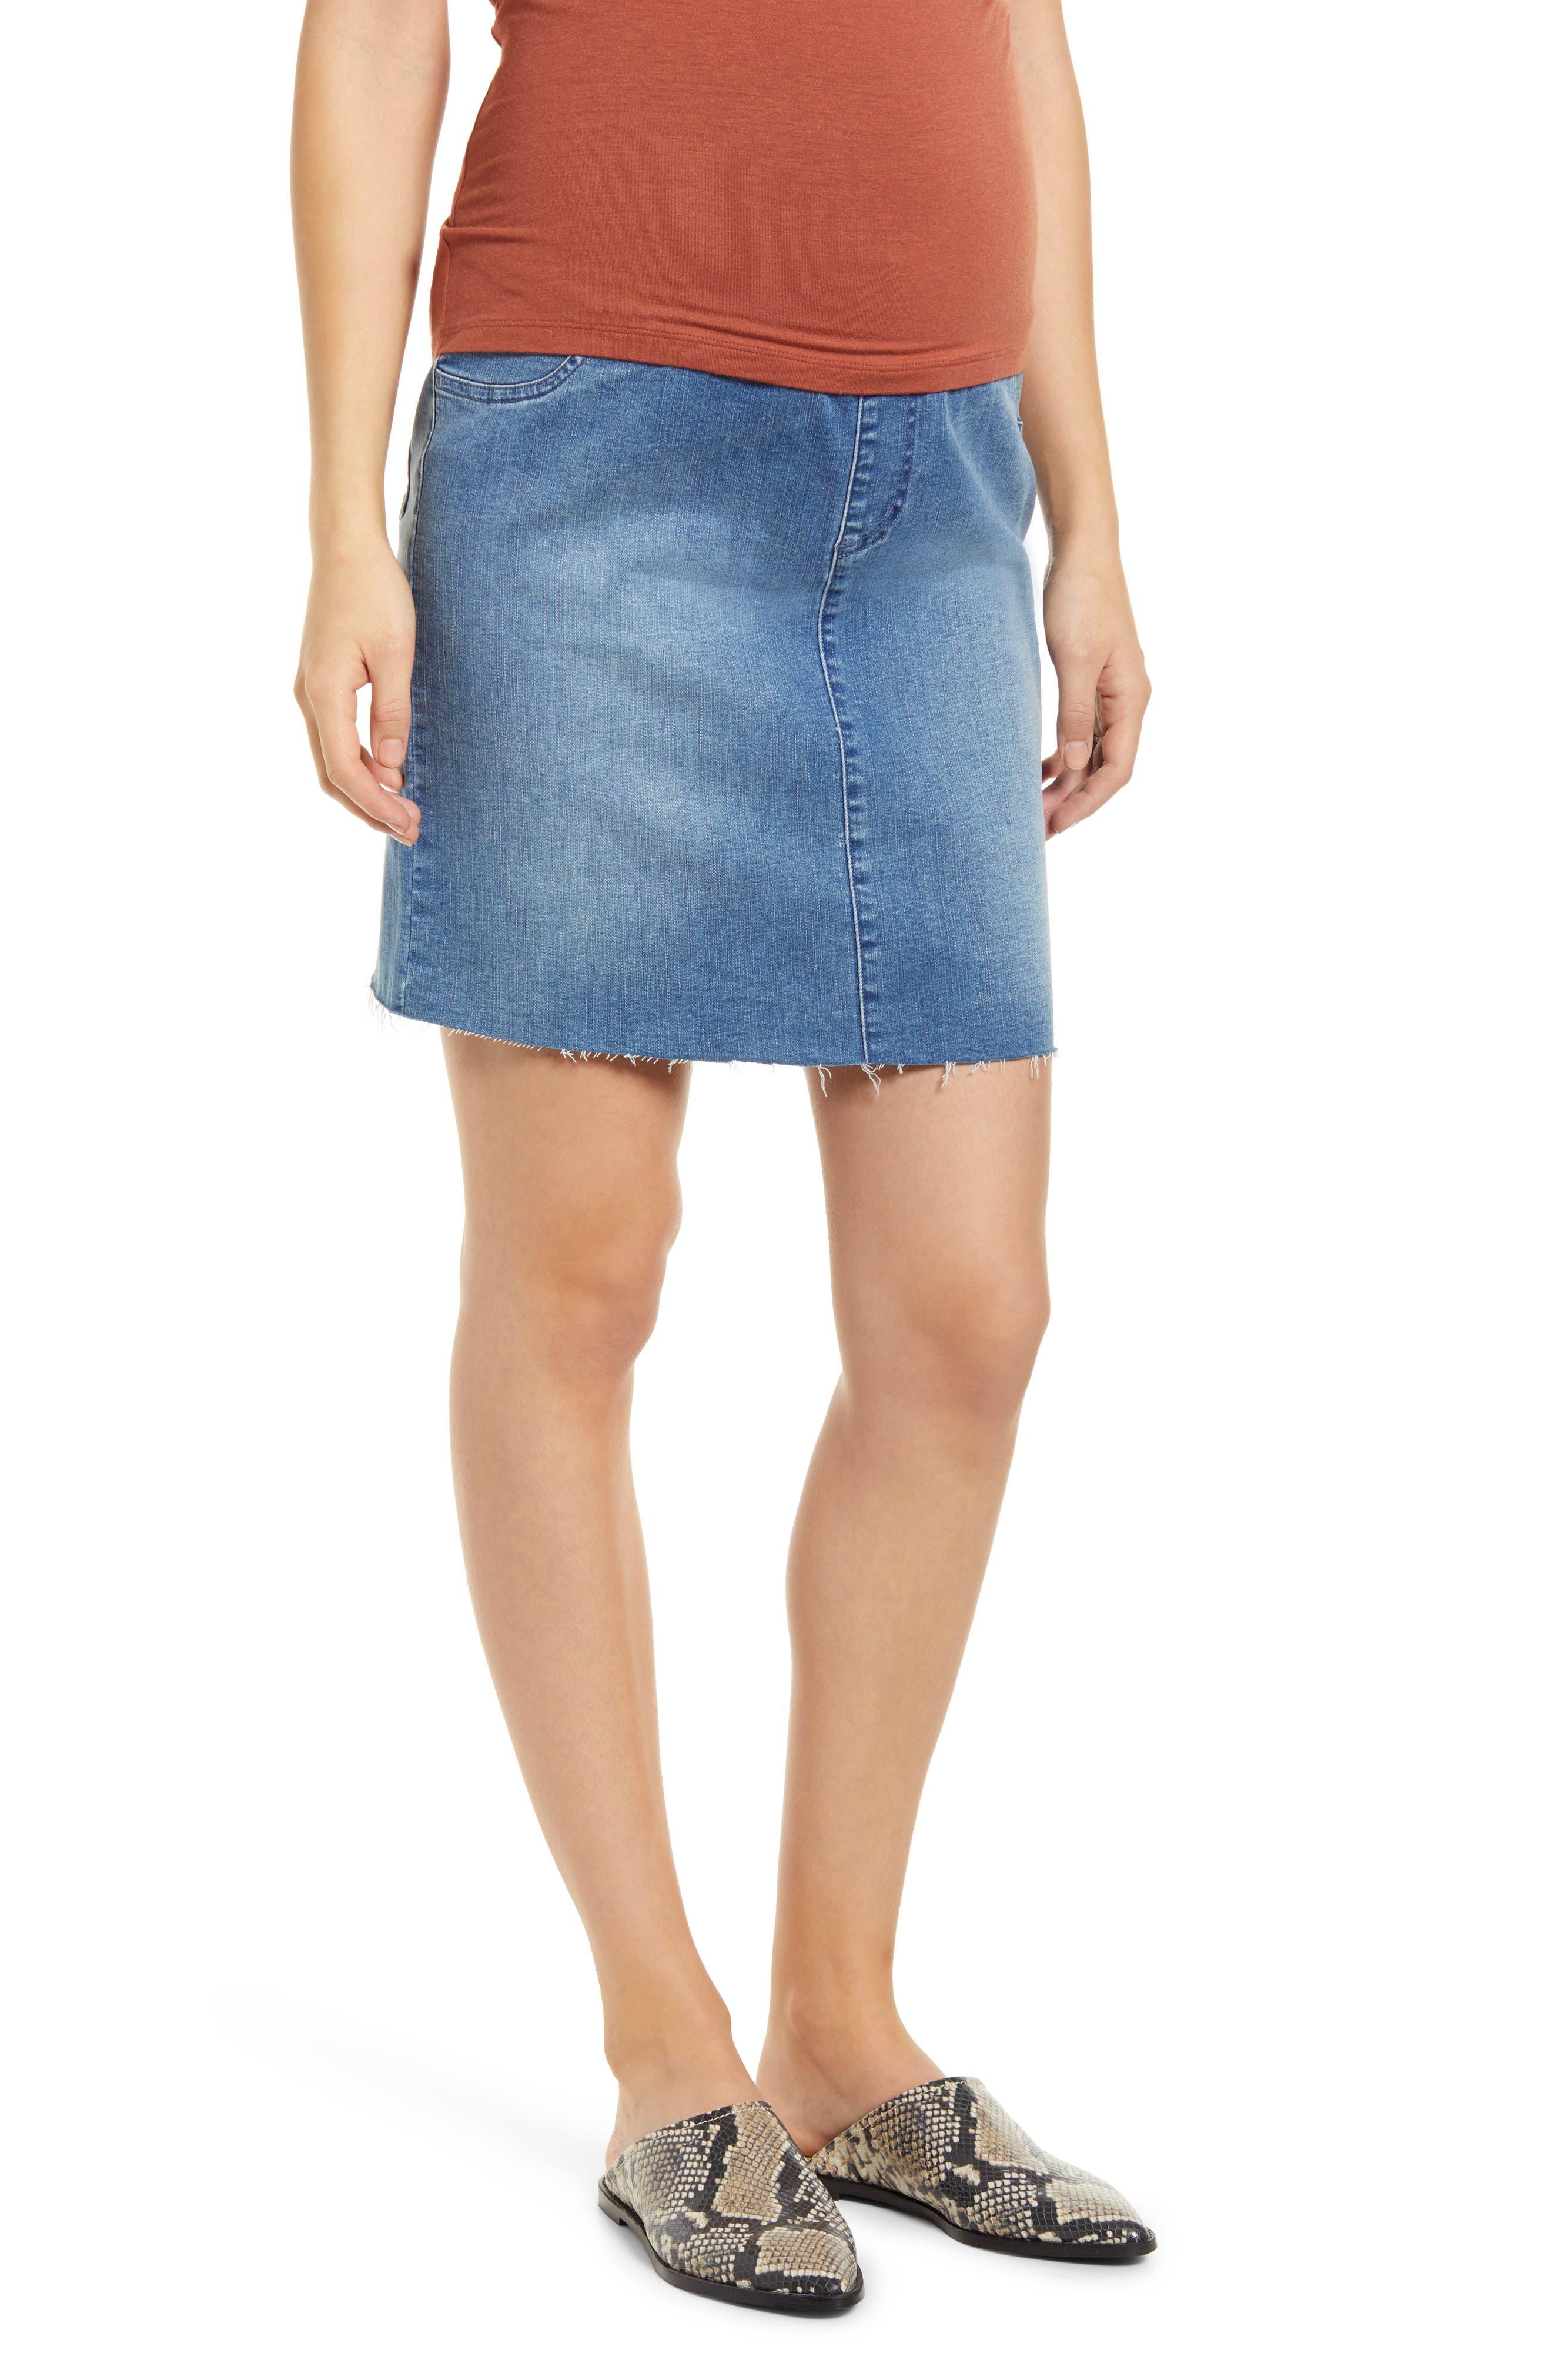 Over The Bump Denim Maternity Skirt